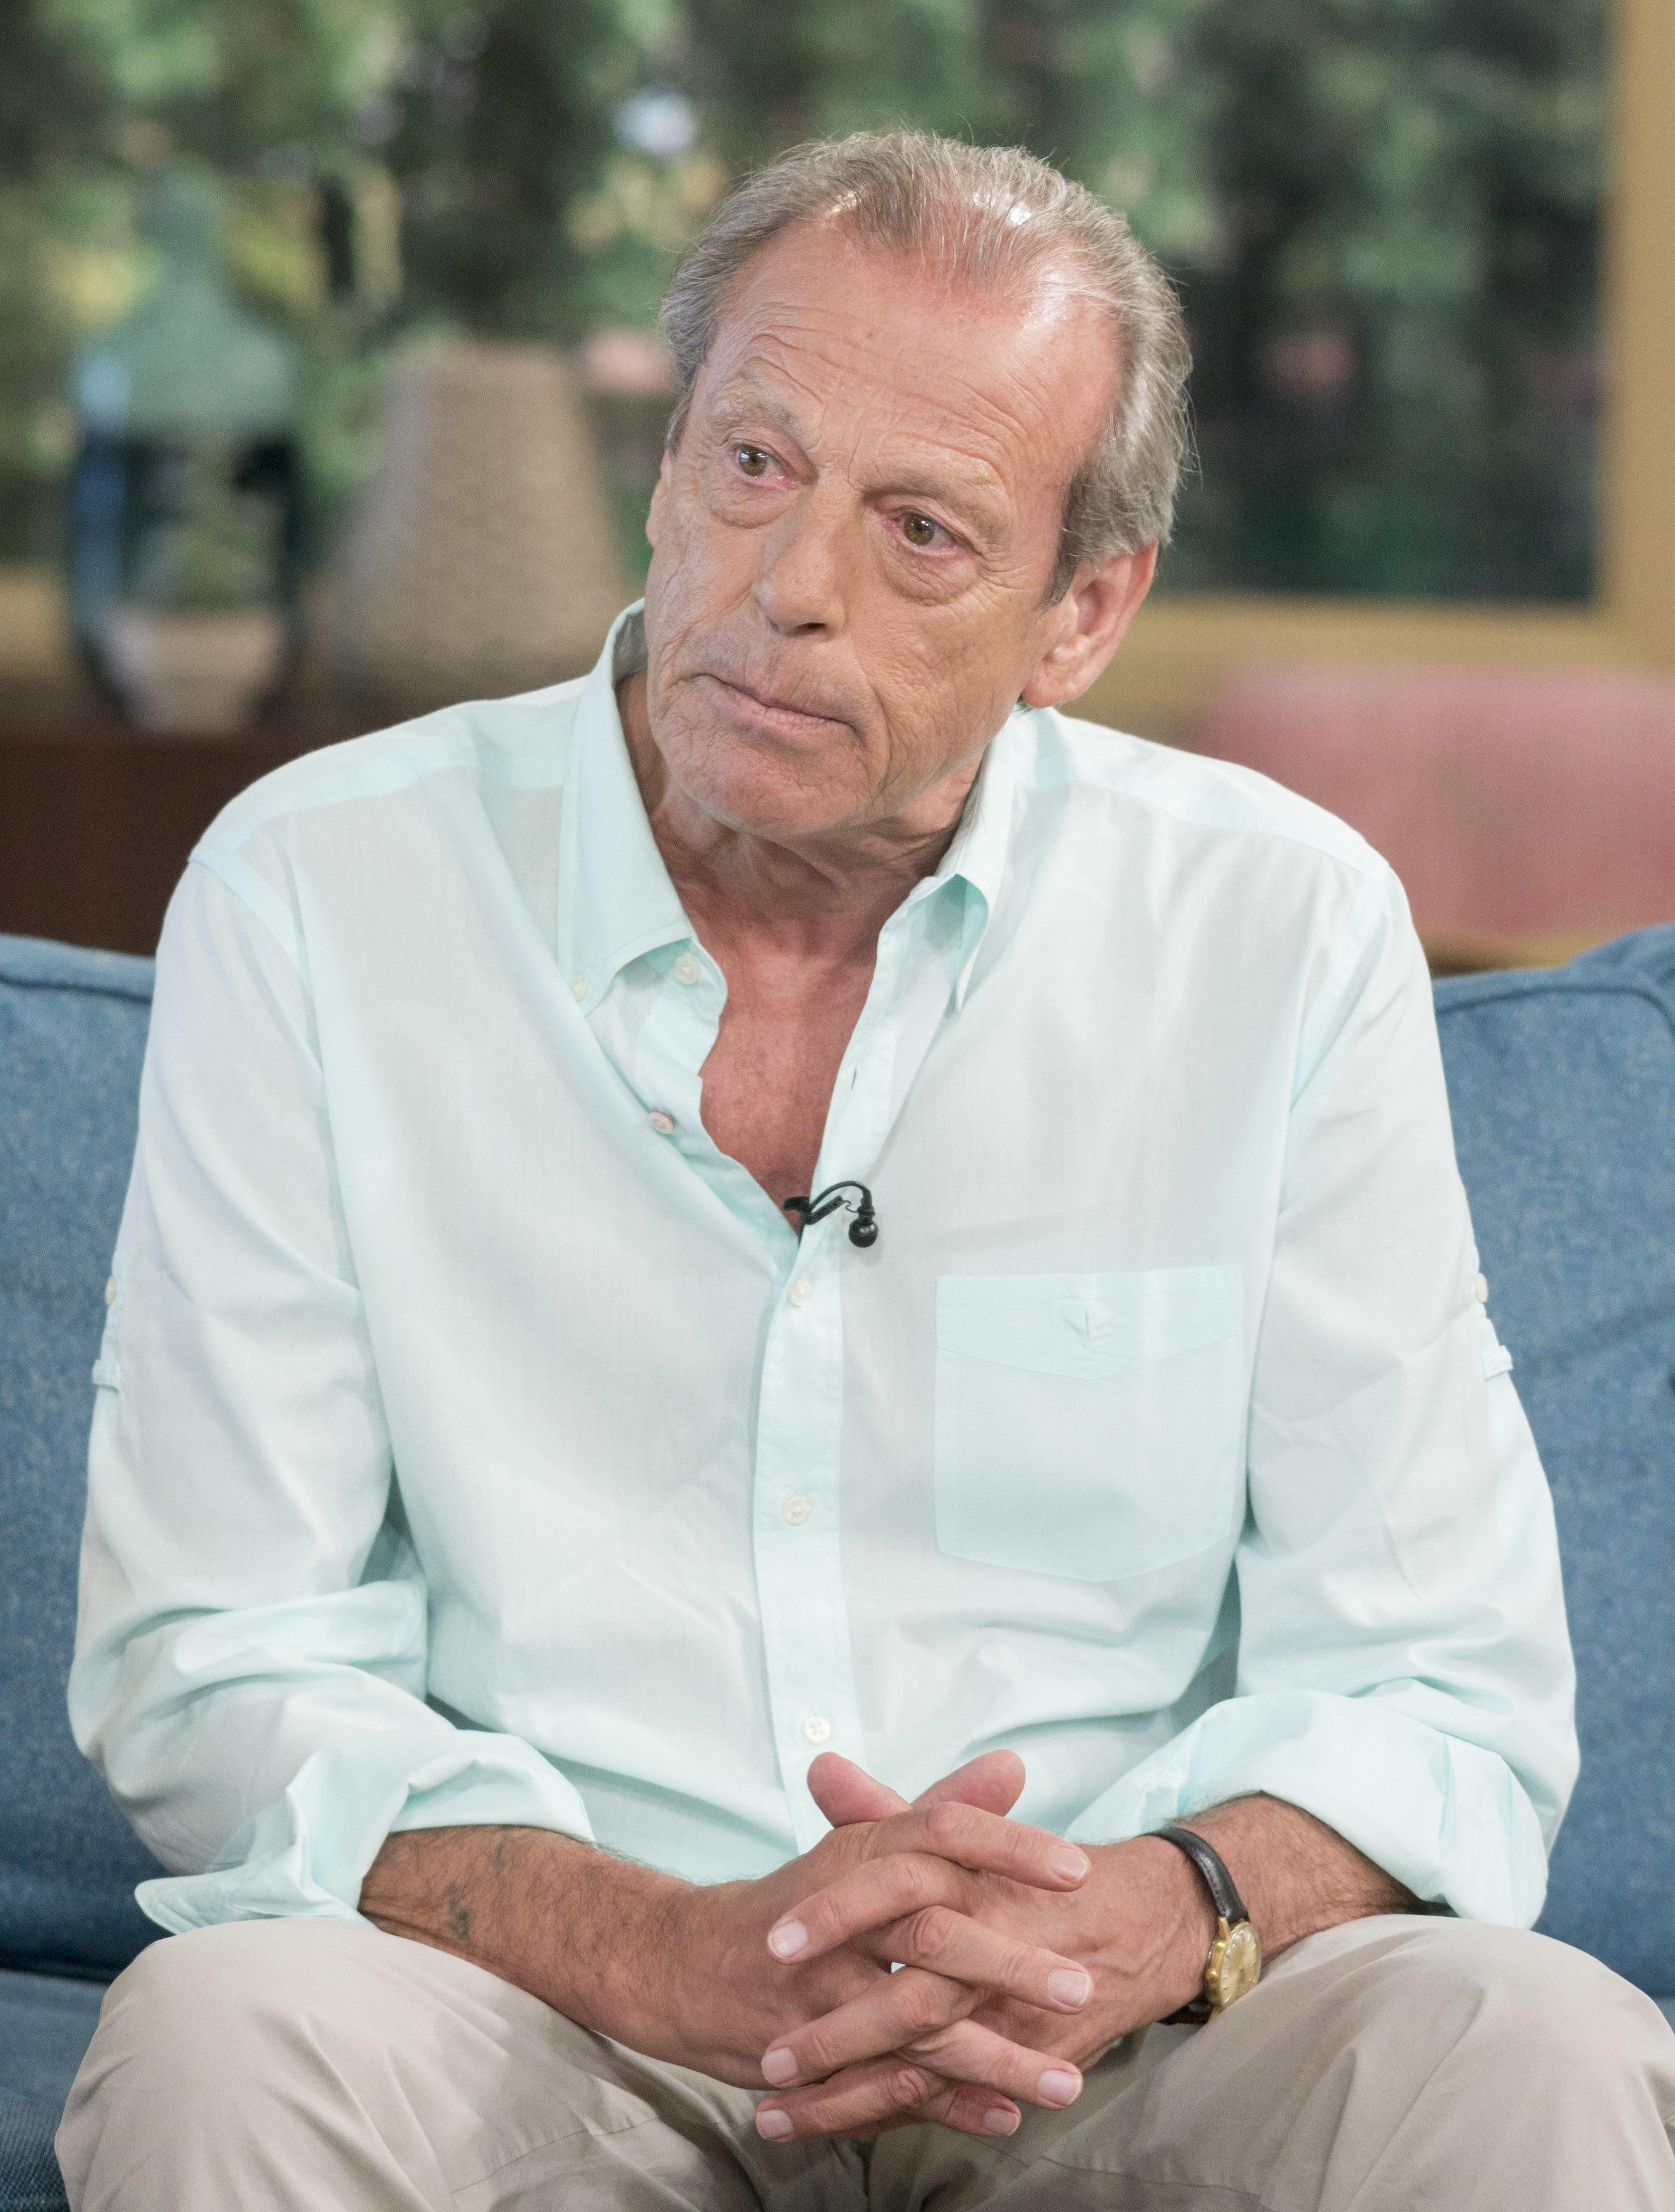 'EastEnders' Legend Leslie Grantham Dies, Aged